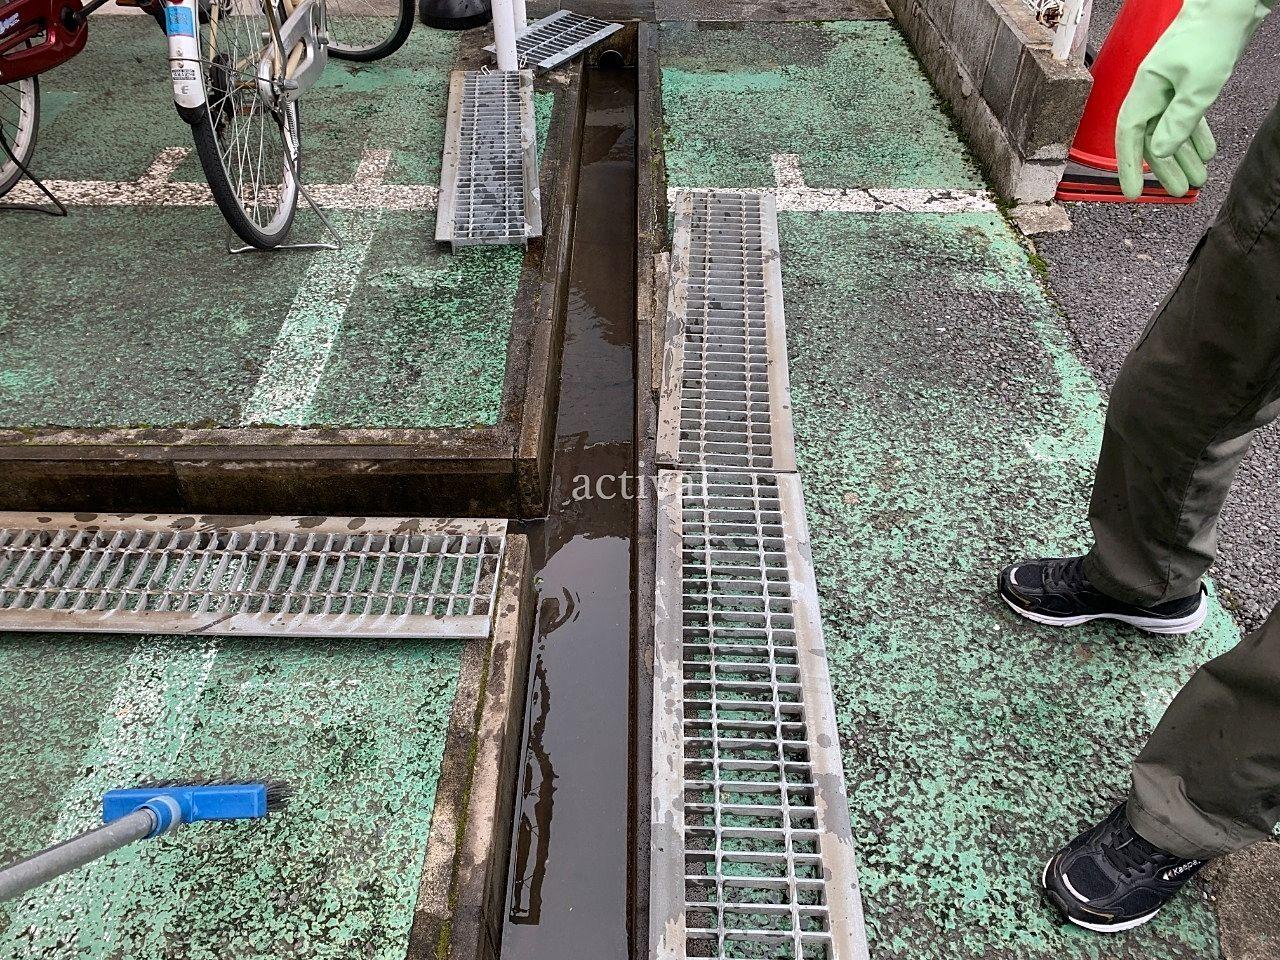 ア・ス・ヴェルデⅡの排水溝の清掃です。